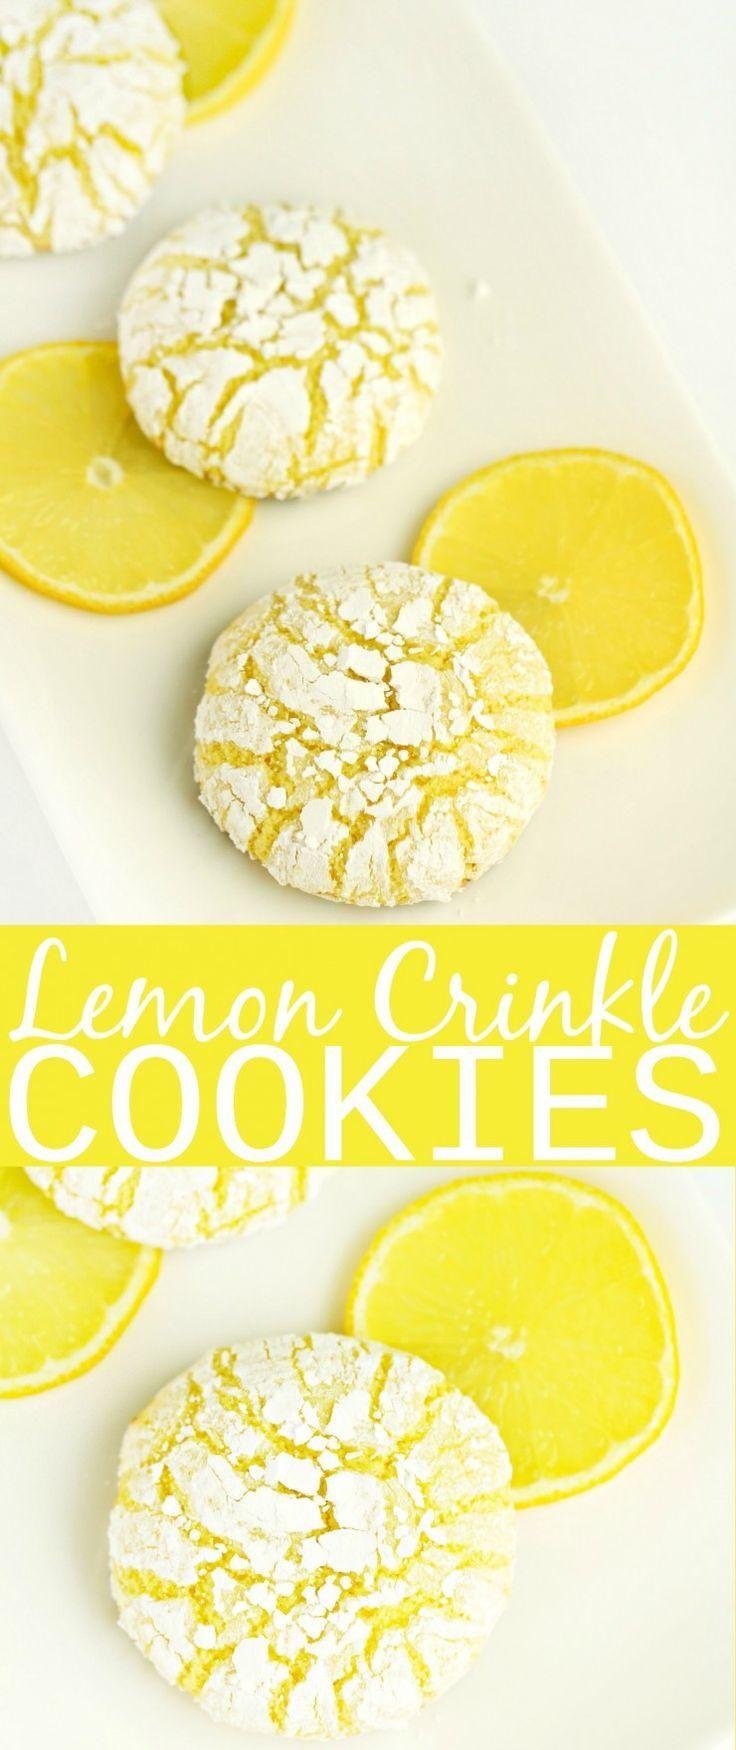 Lemon Crinkle Cookies  - Sweet things -